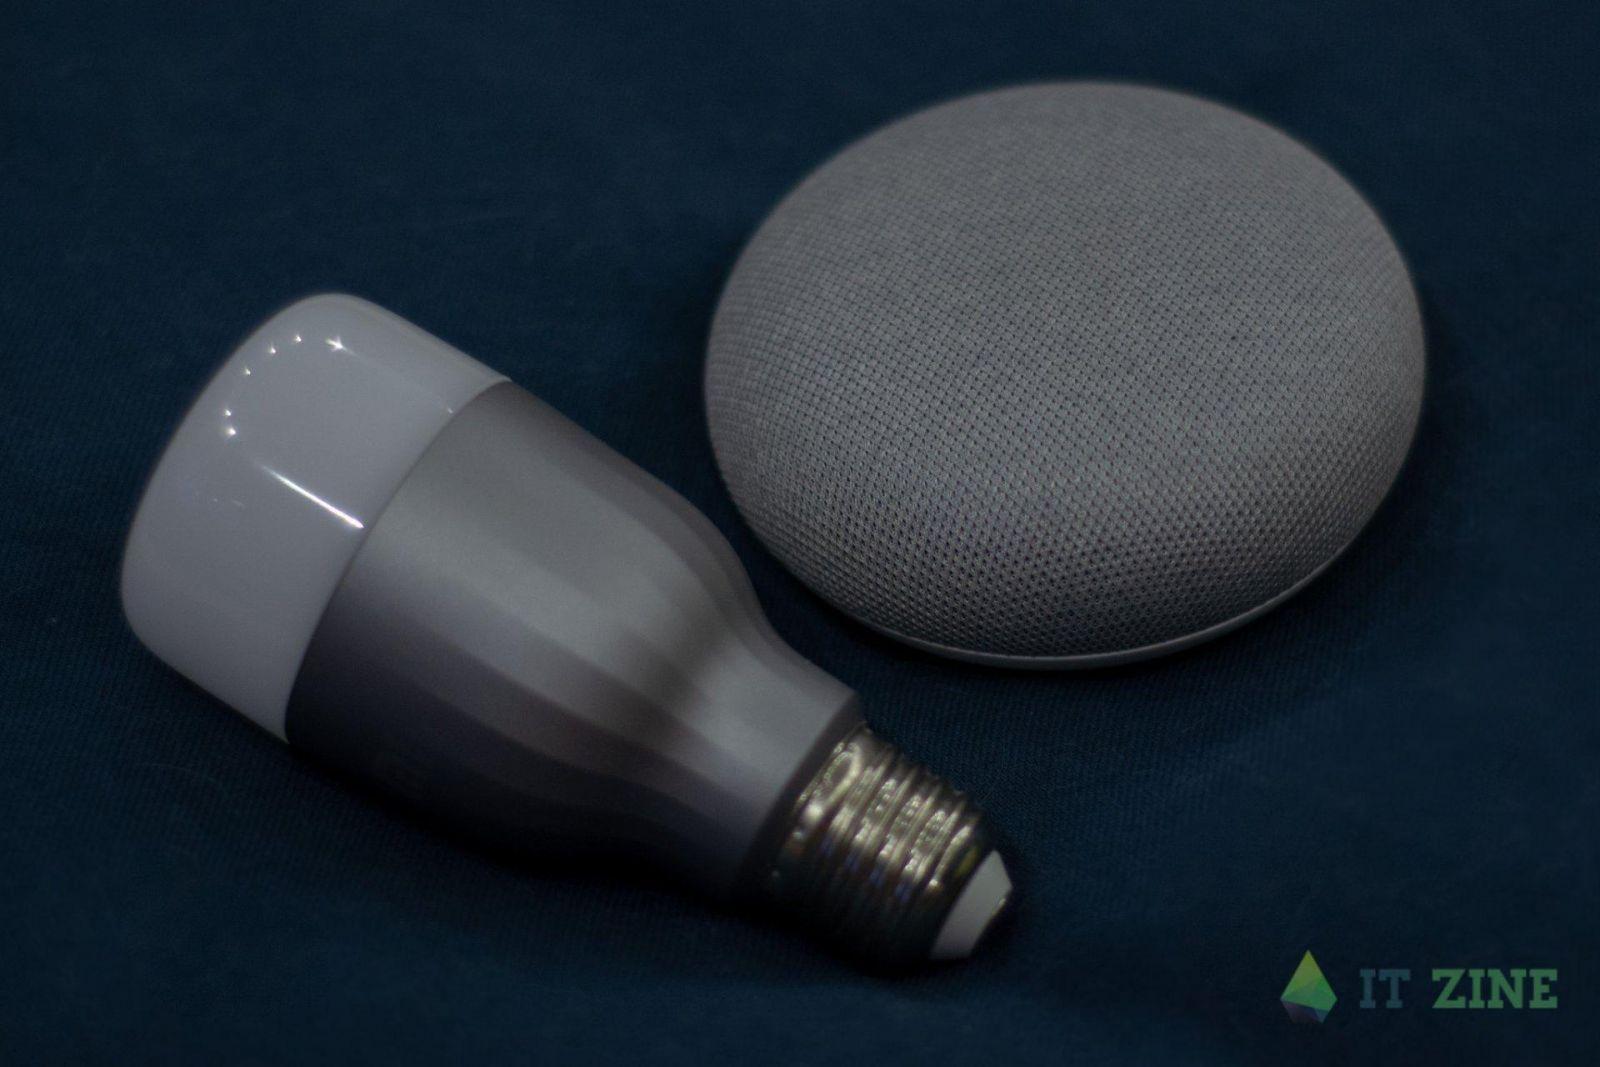 Обзор умных лампочек Xiaomi Mi LED Smart Bulb + Google Home: да будет свет (dsc 7078 edit)